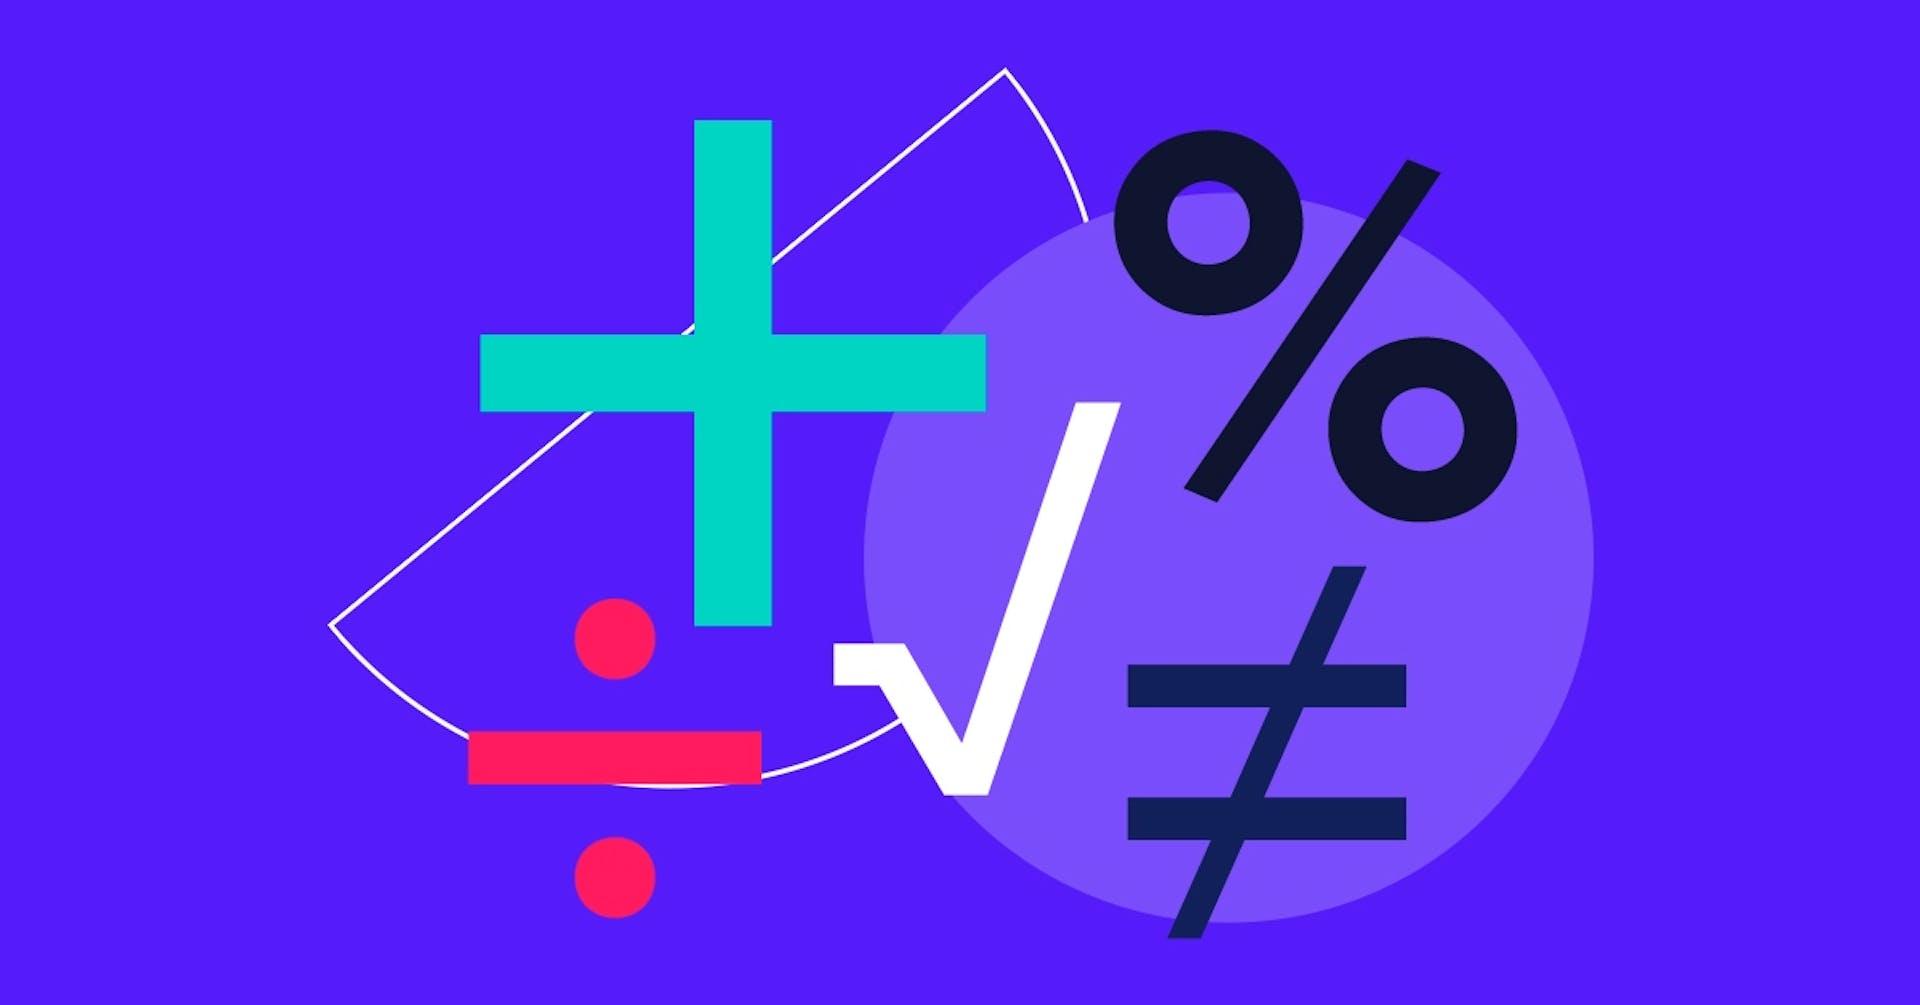 ¿Cuáles son los signos de matemáticas? Conócelos y evita errores en tu negocio